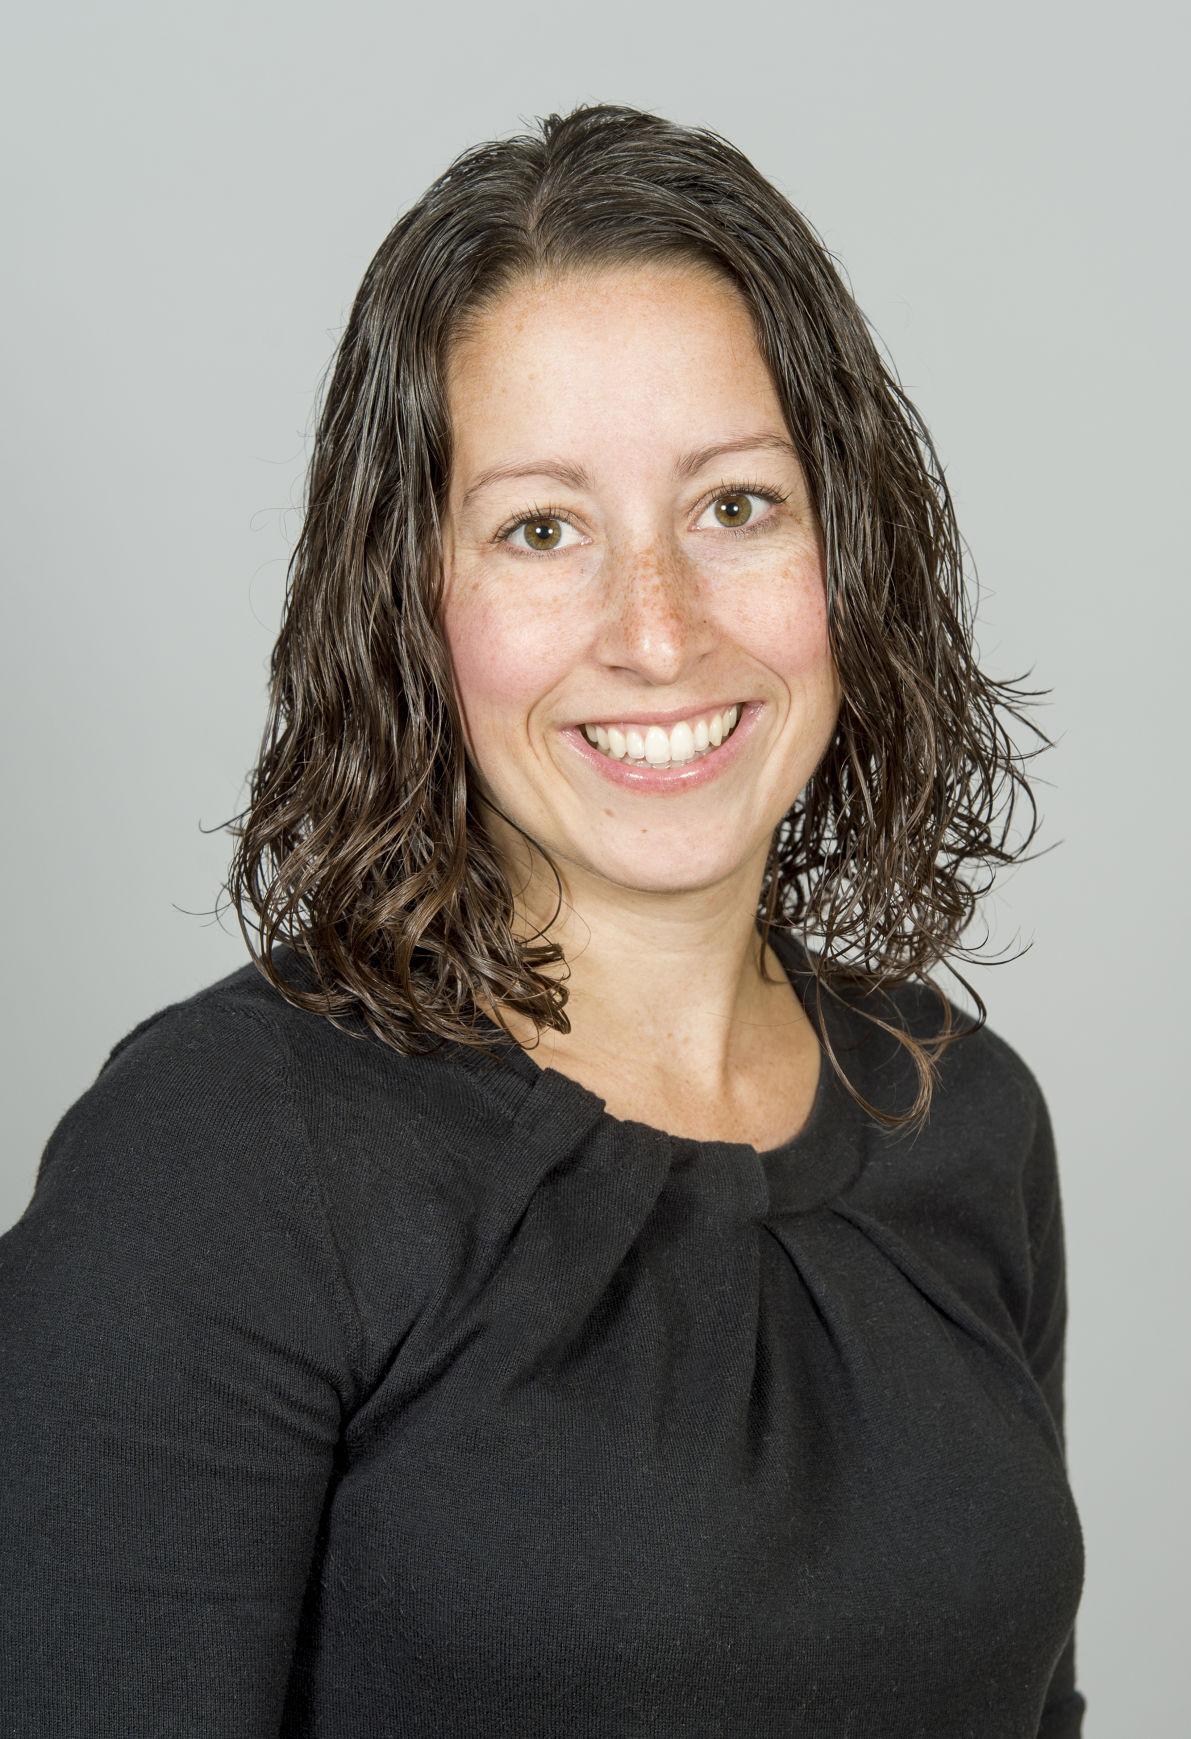 Brittany Wardle headshot